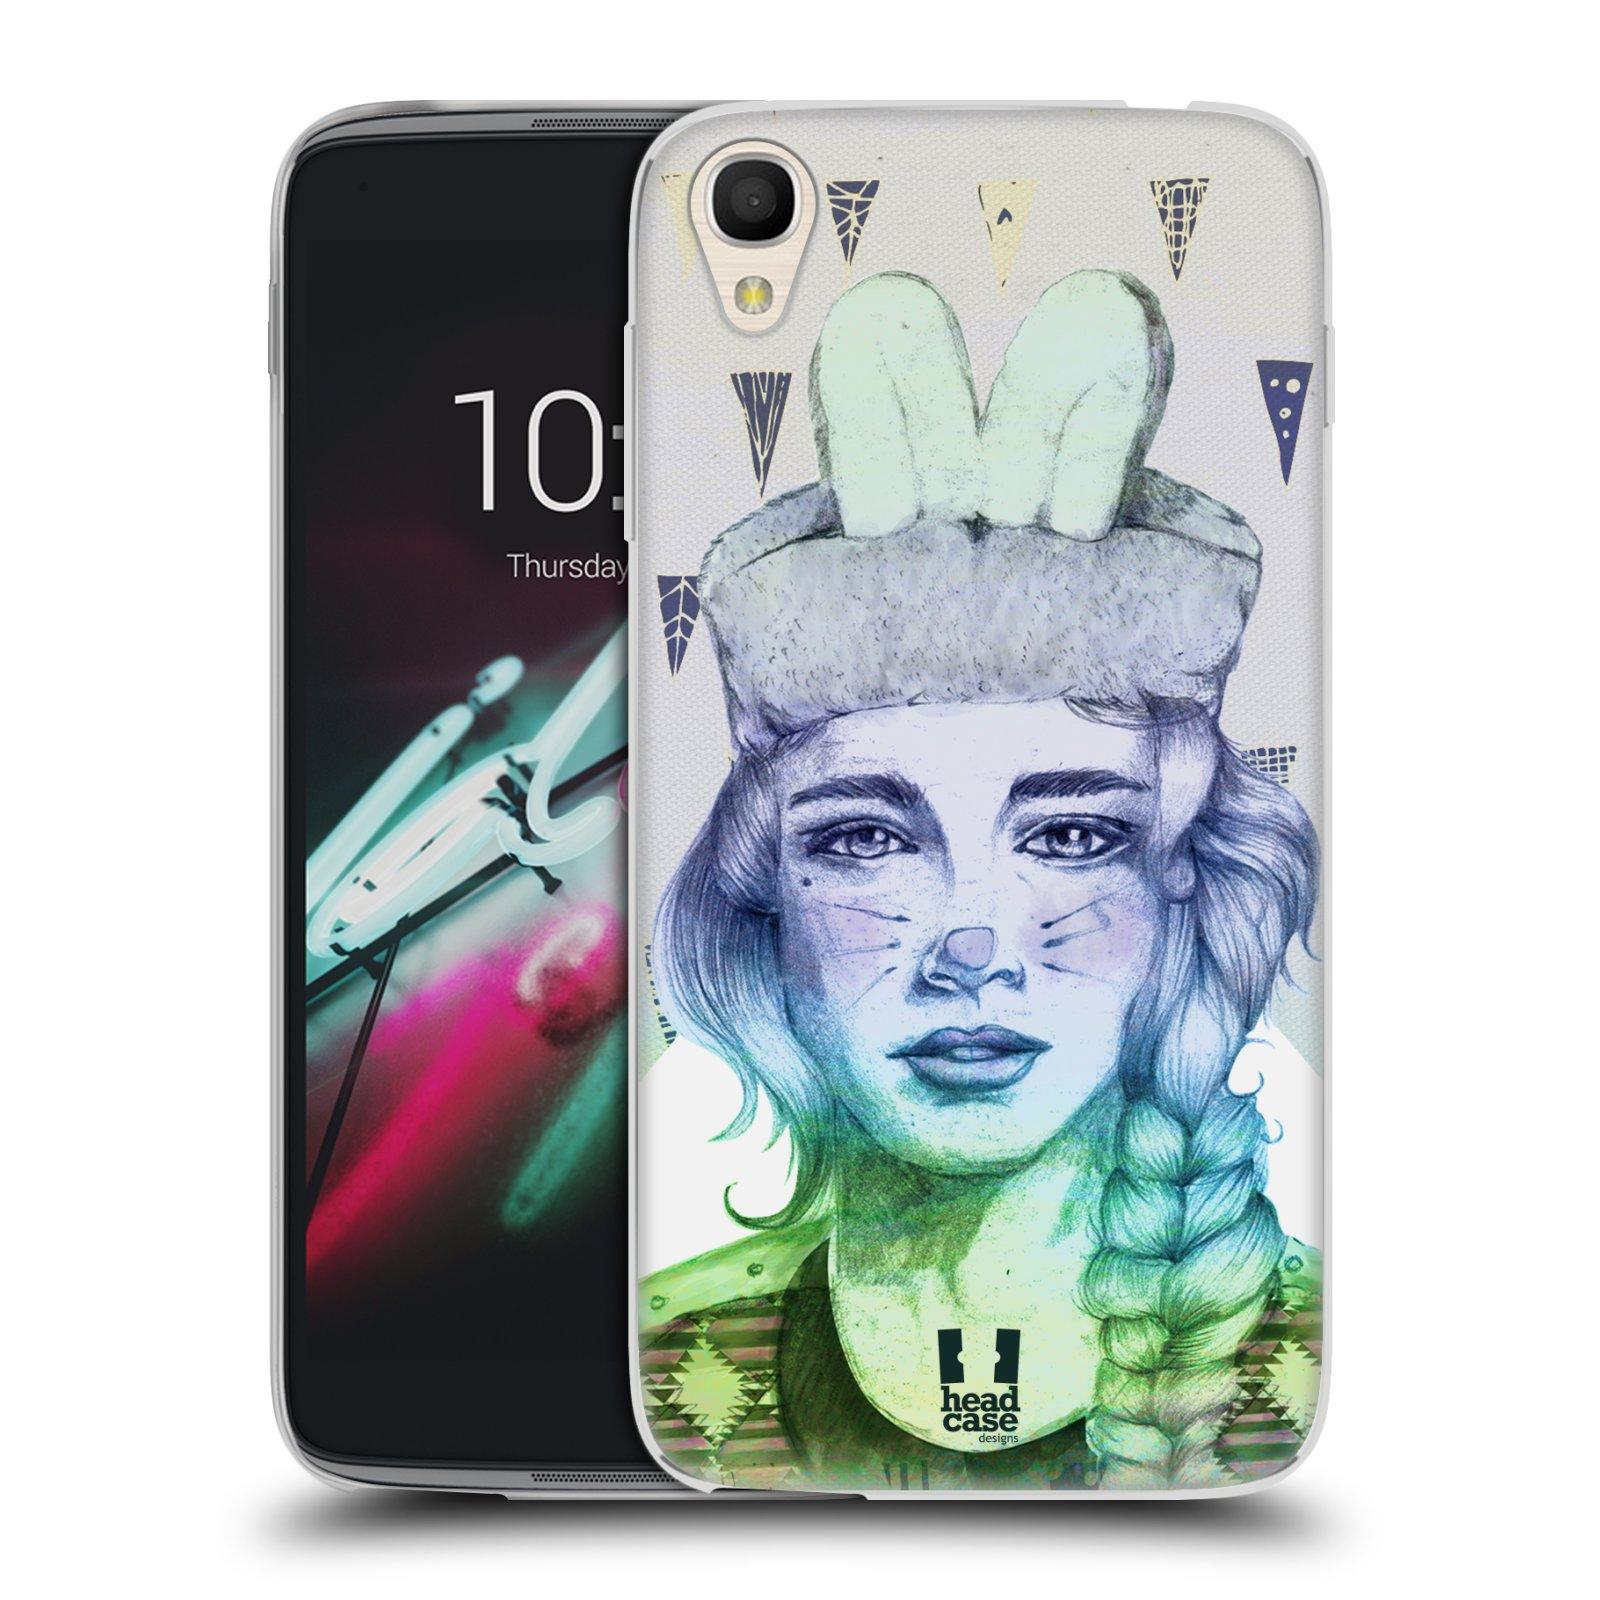 HEAD CASE silikonový obal na mobil Alcatel Idol 3 OT-6039Y (4.7) vzor Děvče zvířecí tématika zajíček triangl